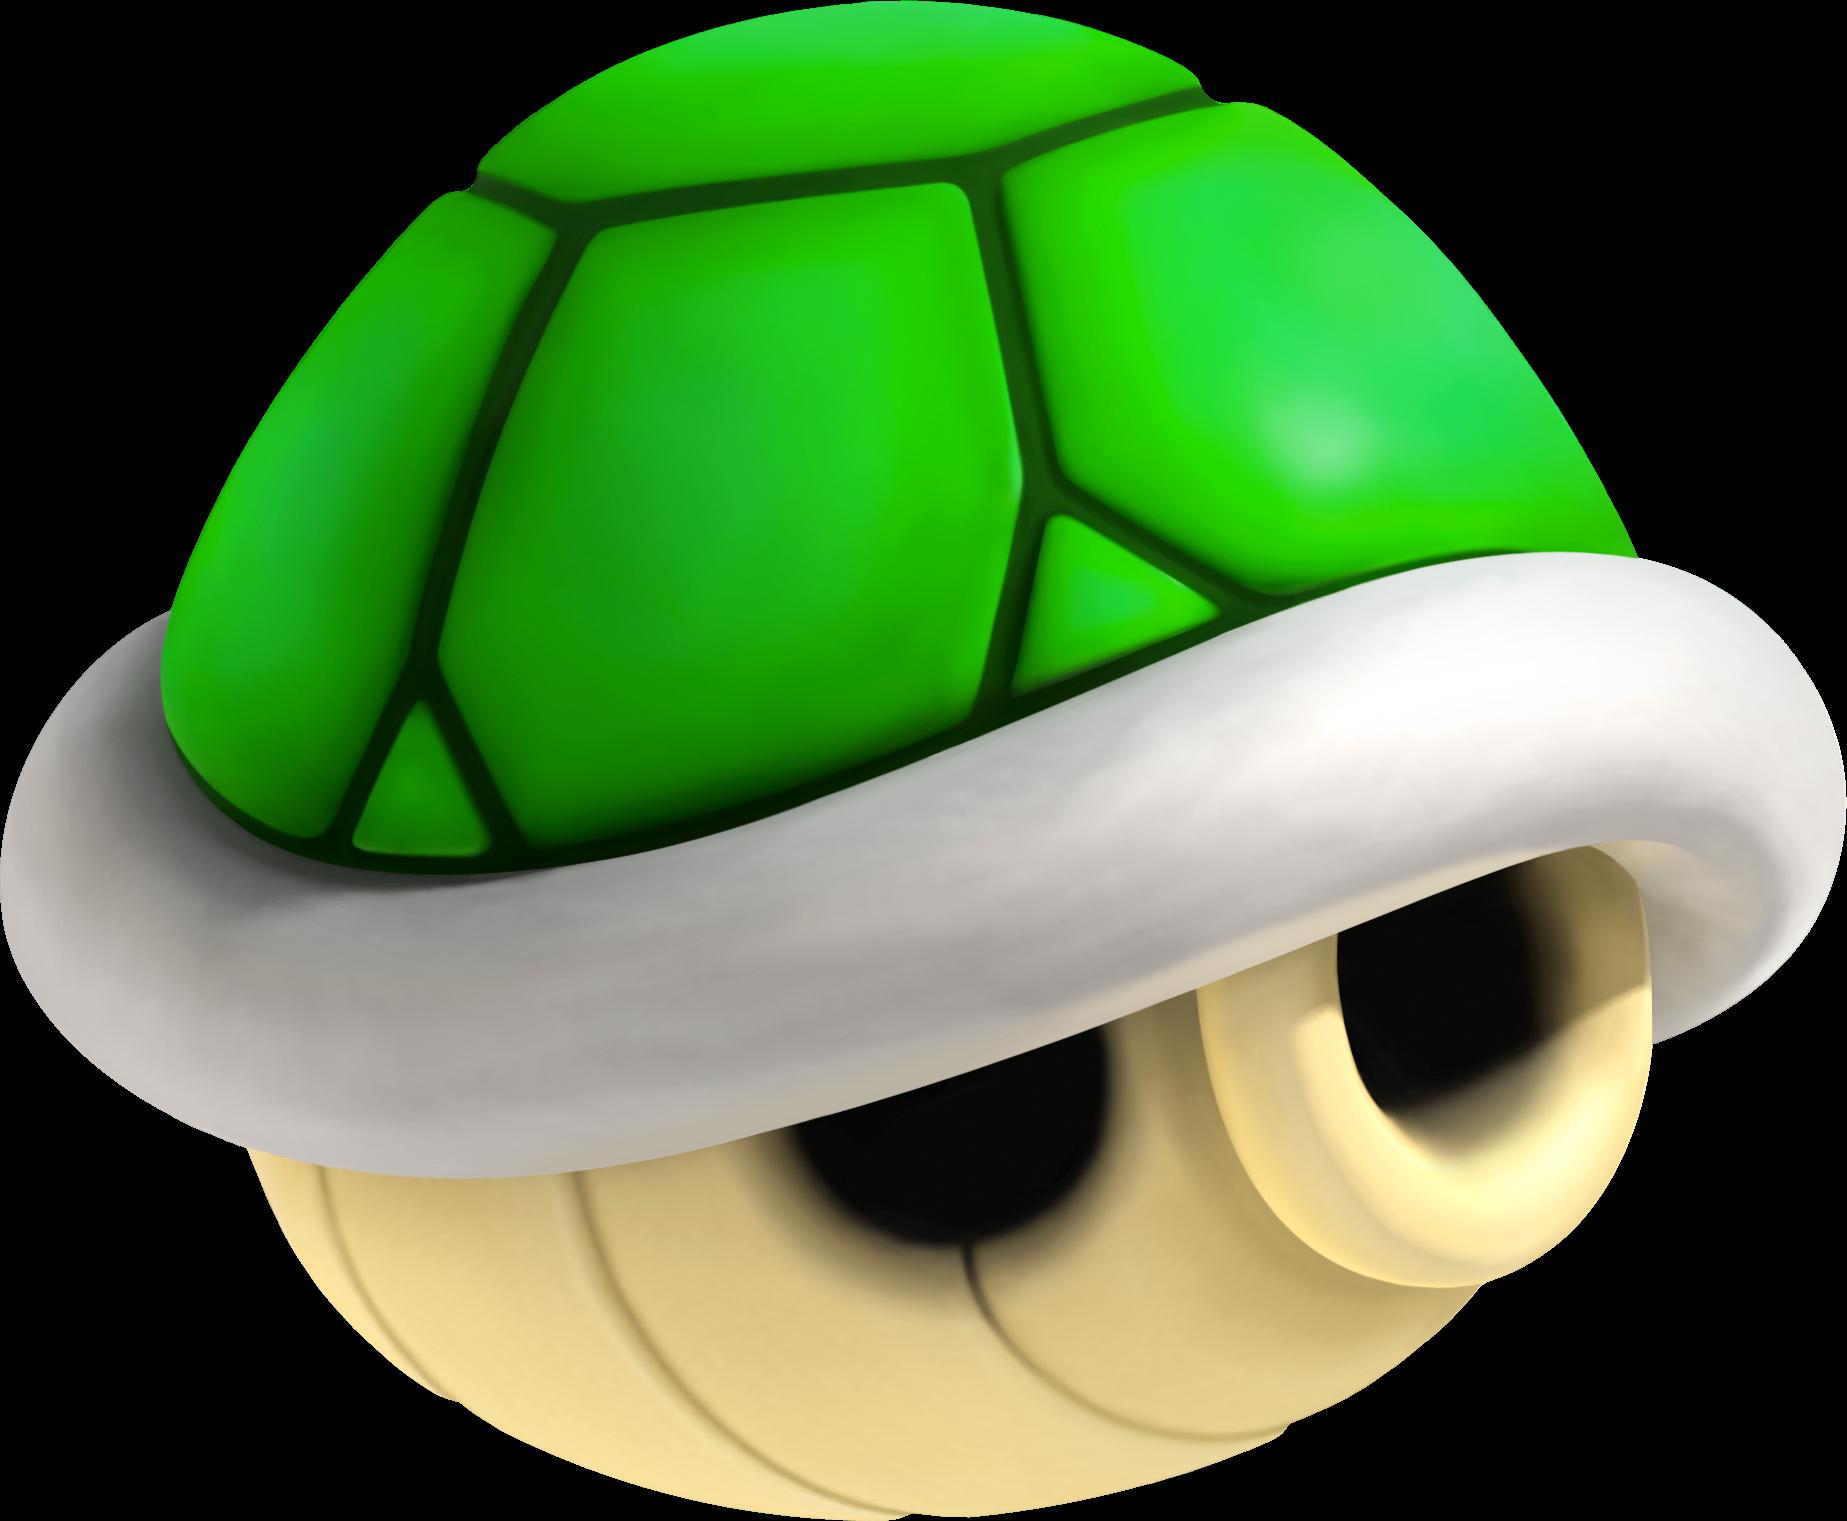 Top 5 Items in Mario Kart Green_Shell_NSMBU